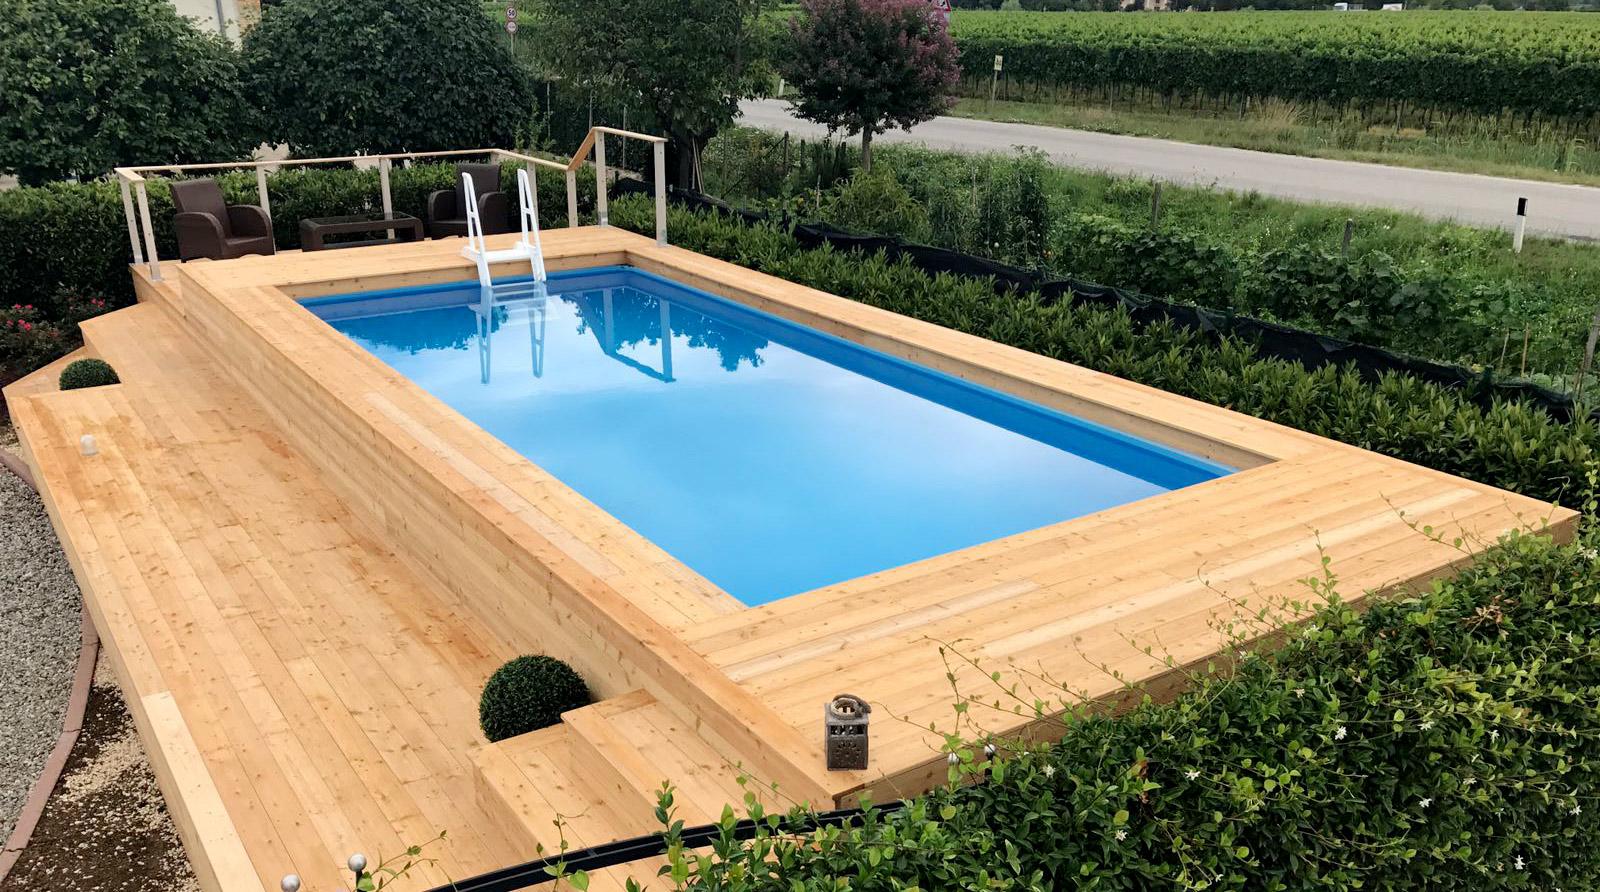 Piscine fuoriterra piscine da terrazzo e giardino for Piscine per giardino